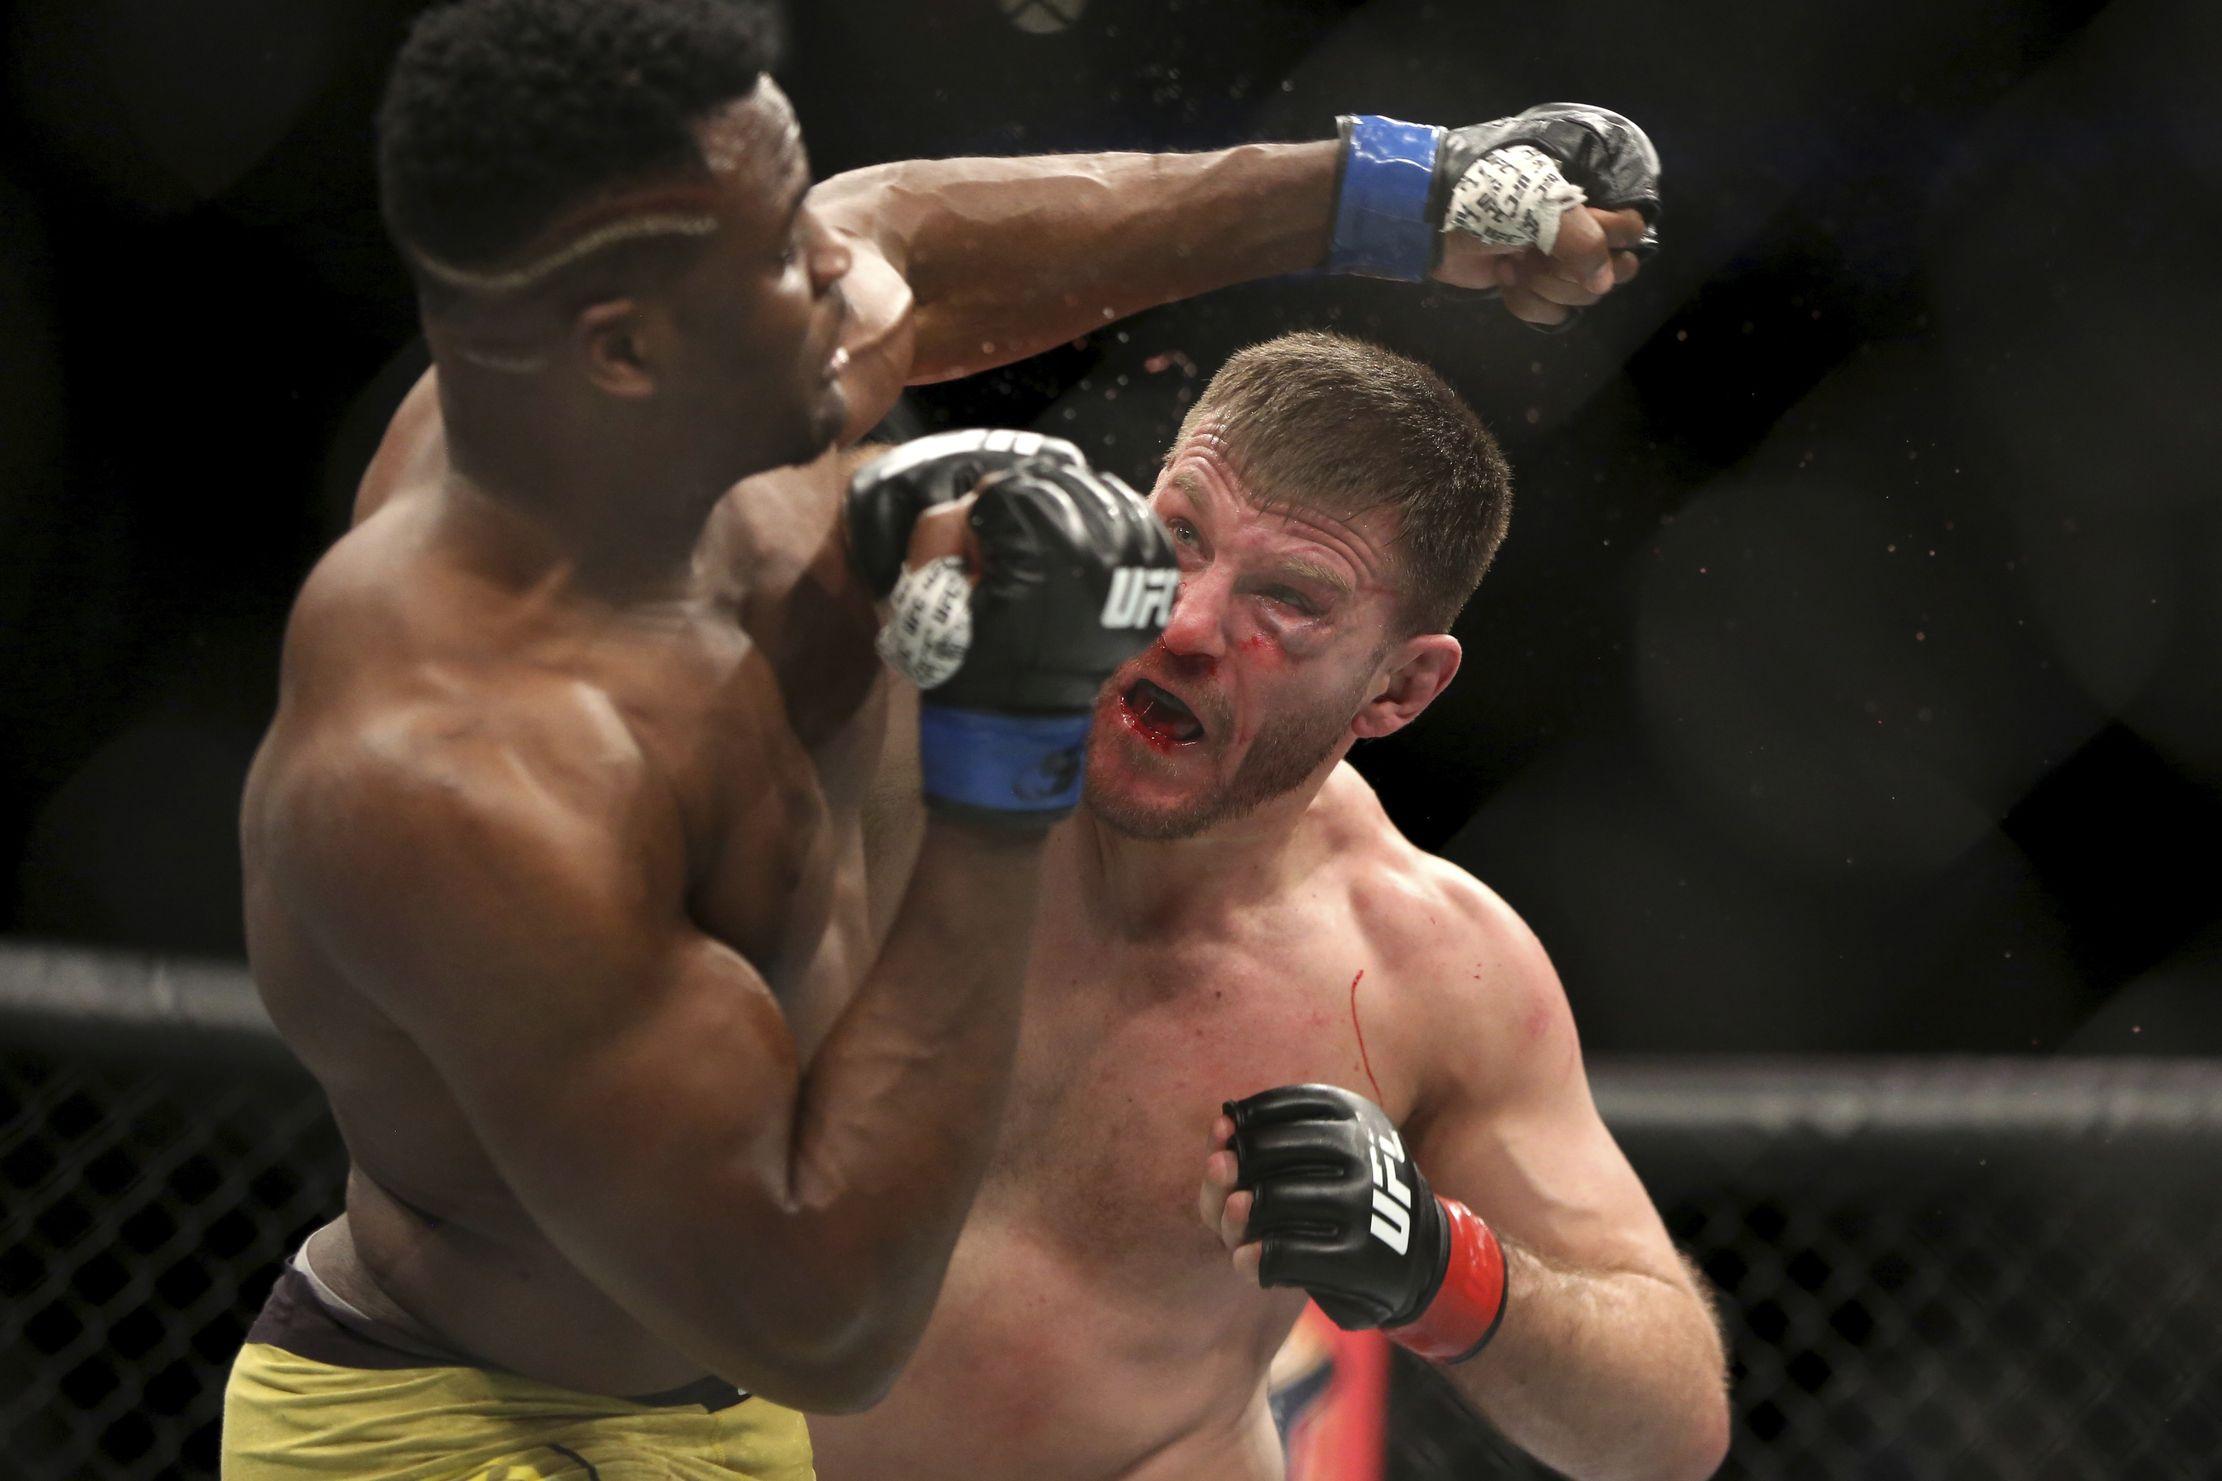 Boxe - UFC : Miocic trop fort pour Ngannou